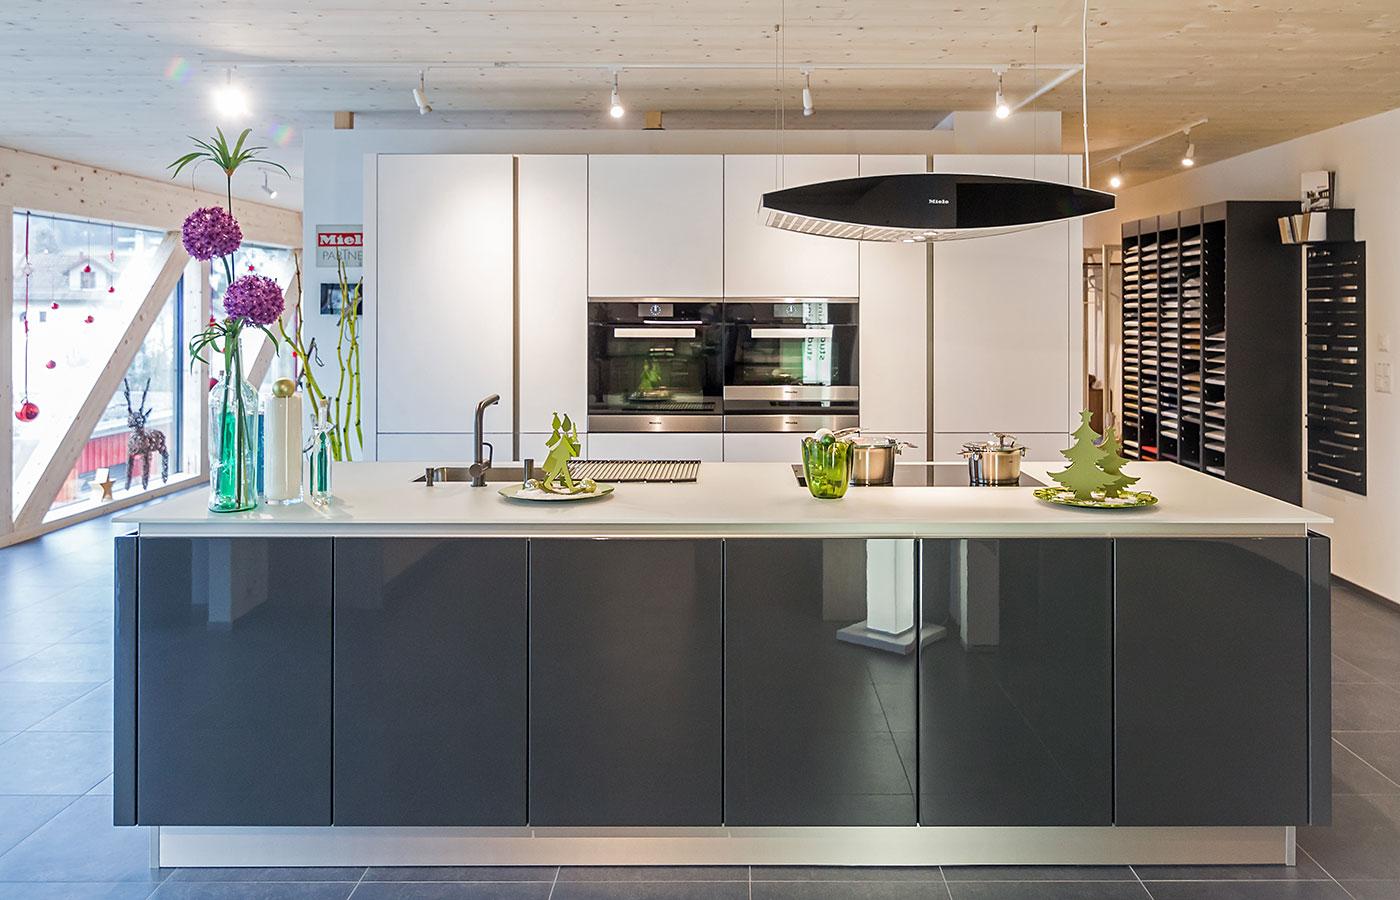 Küchengalerie: Einblicke In Unsere Küchenausstellung